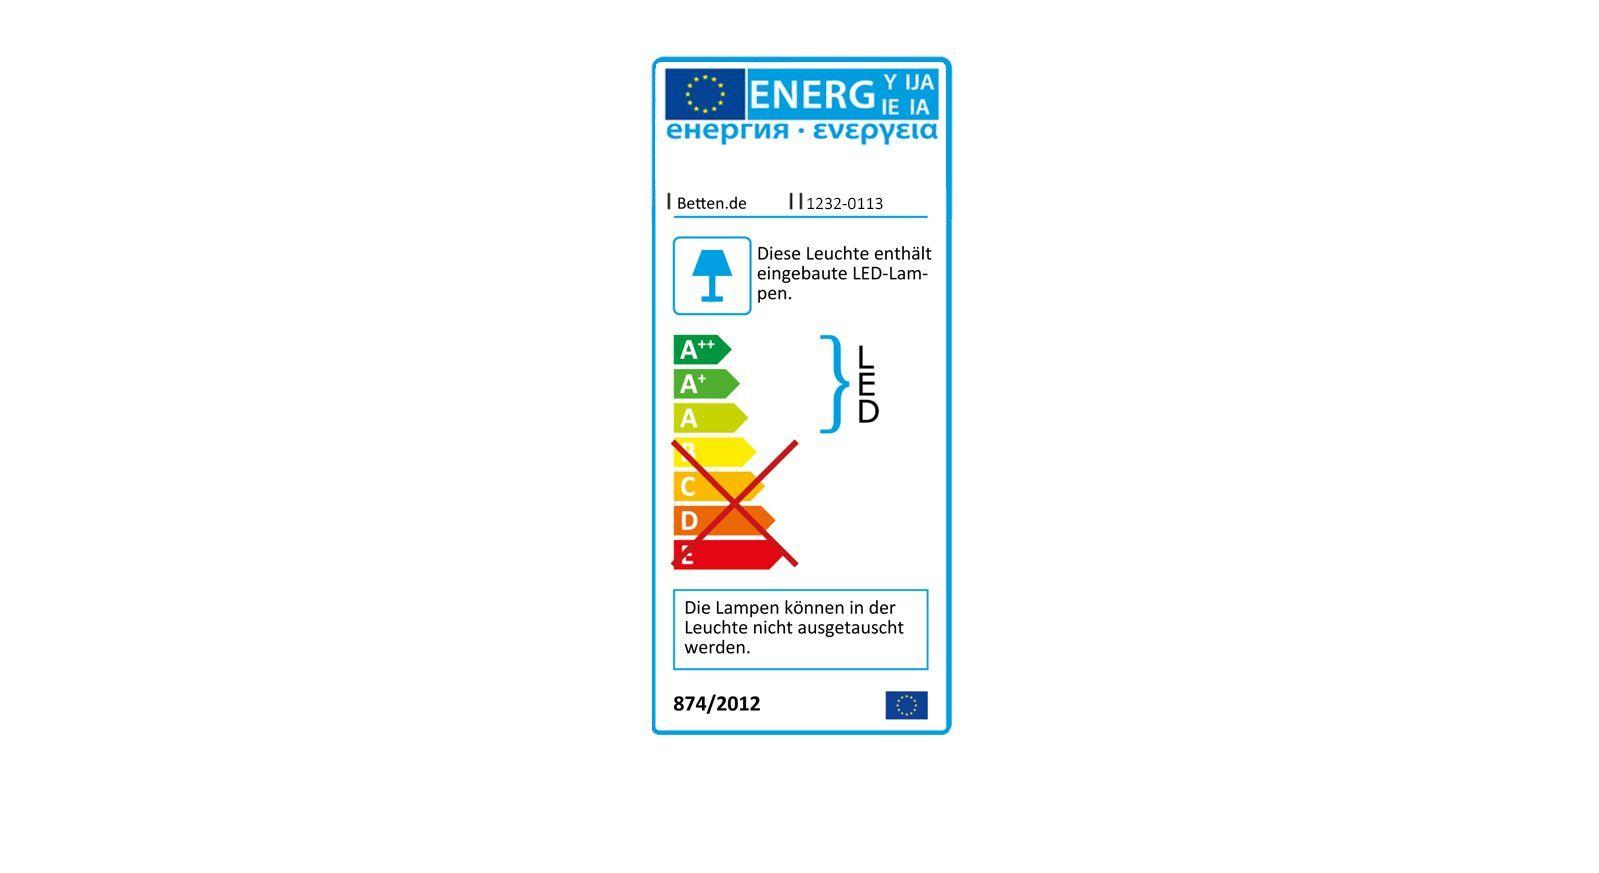 Energielabel zum Kleiderschrank Seabrook